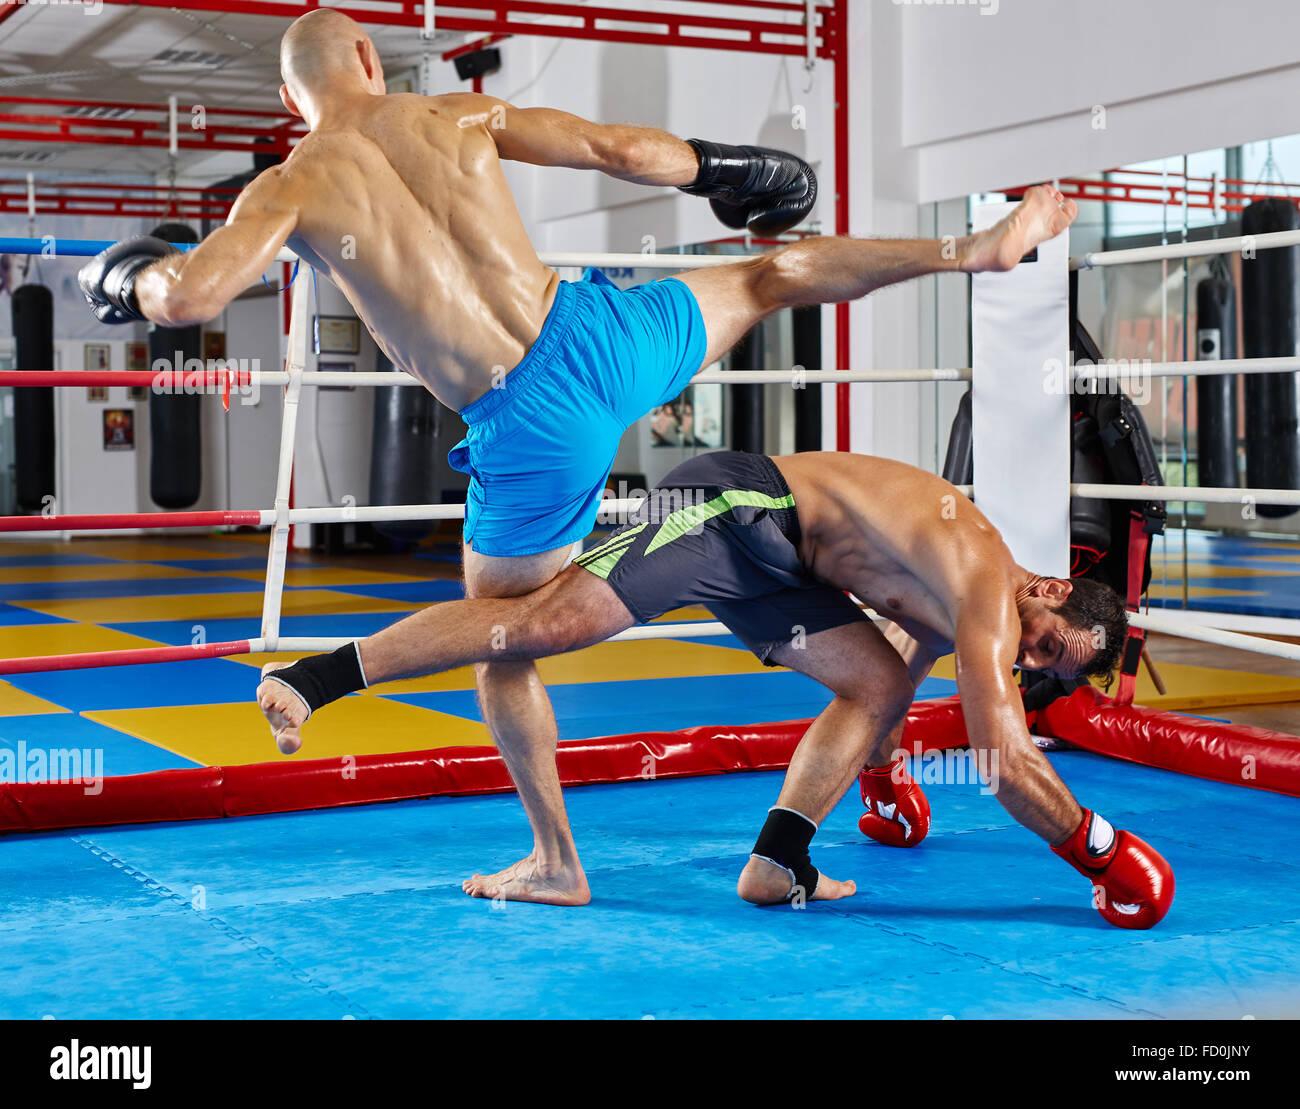 Kickbox combatientes en el ring durante el combate Imagen De Stock